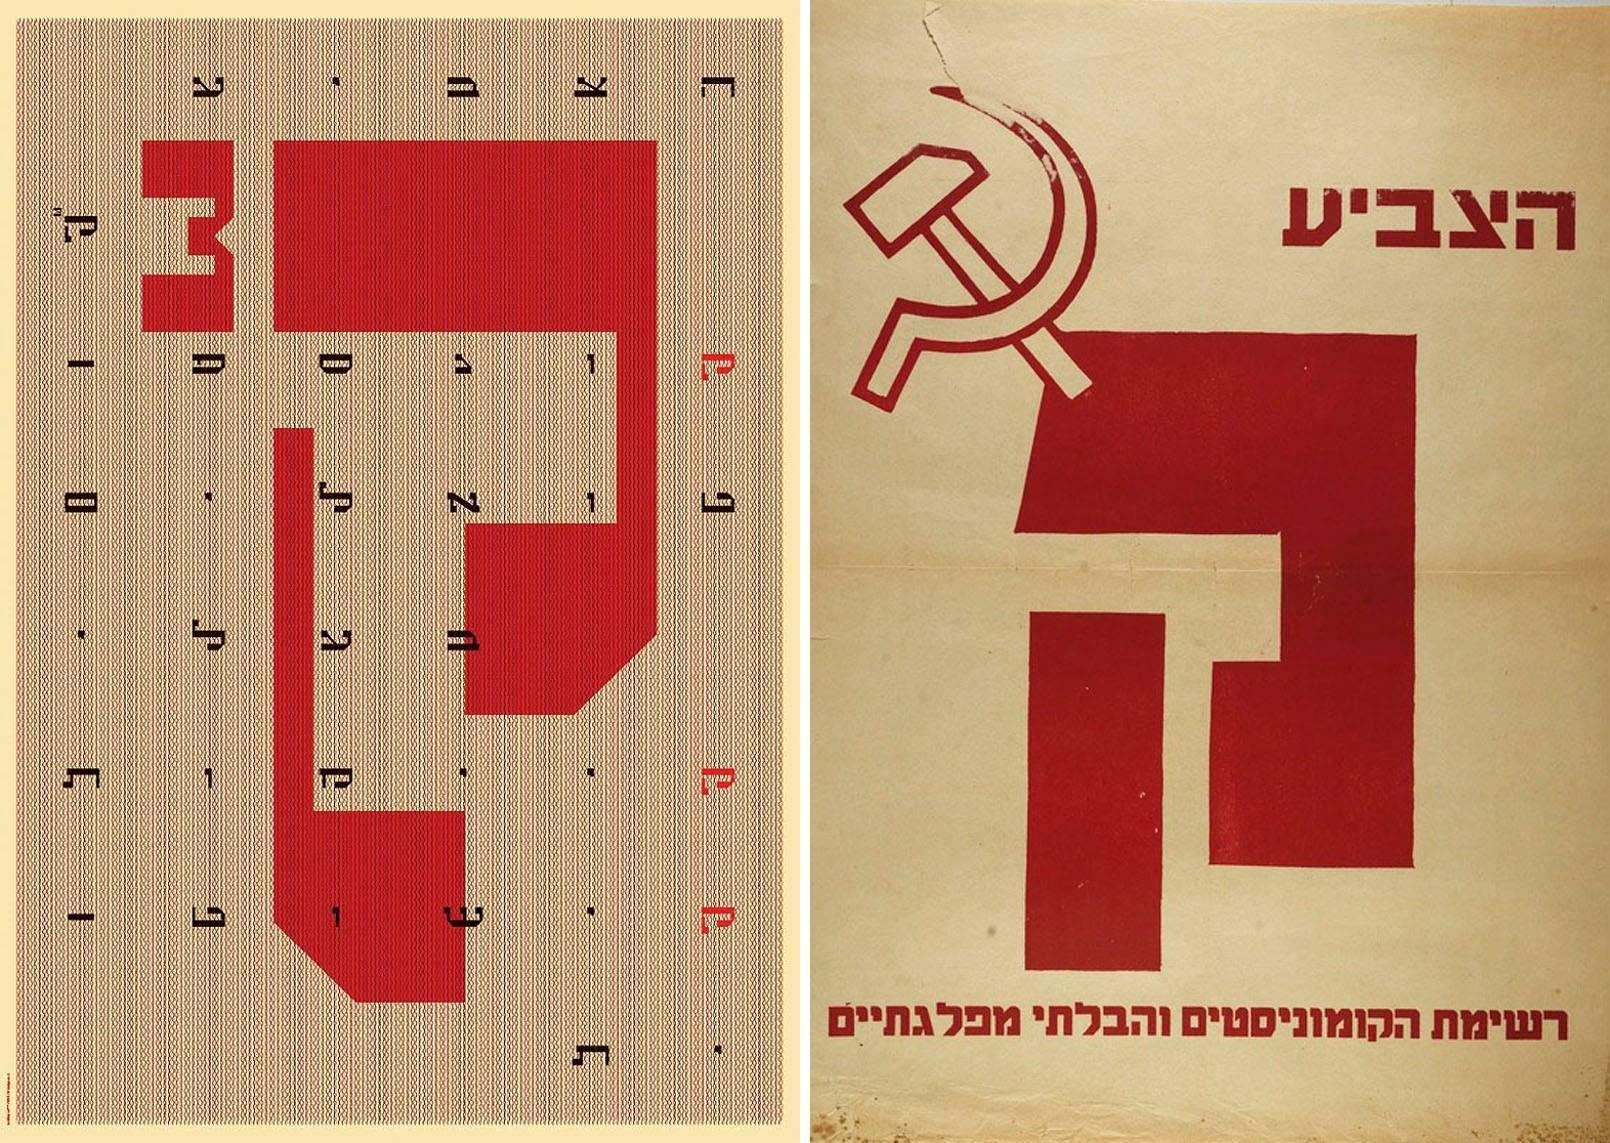 ק - קובי פרנקו, 2015 | רשימת הקומוניסטים, מעצב לא ידוע, 1949